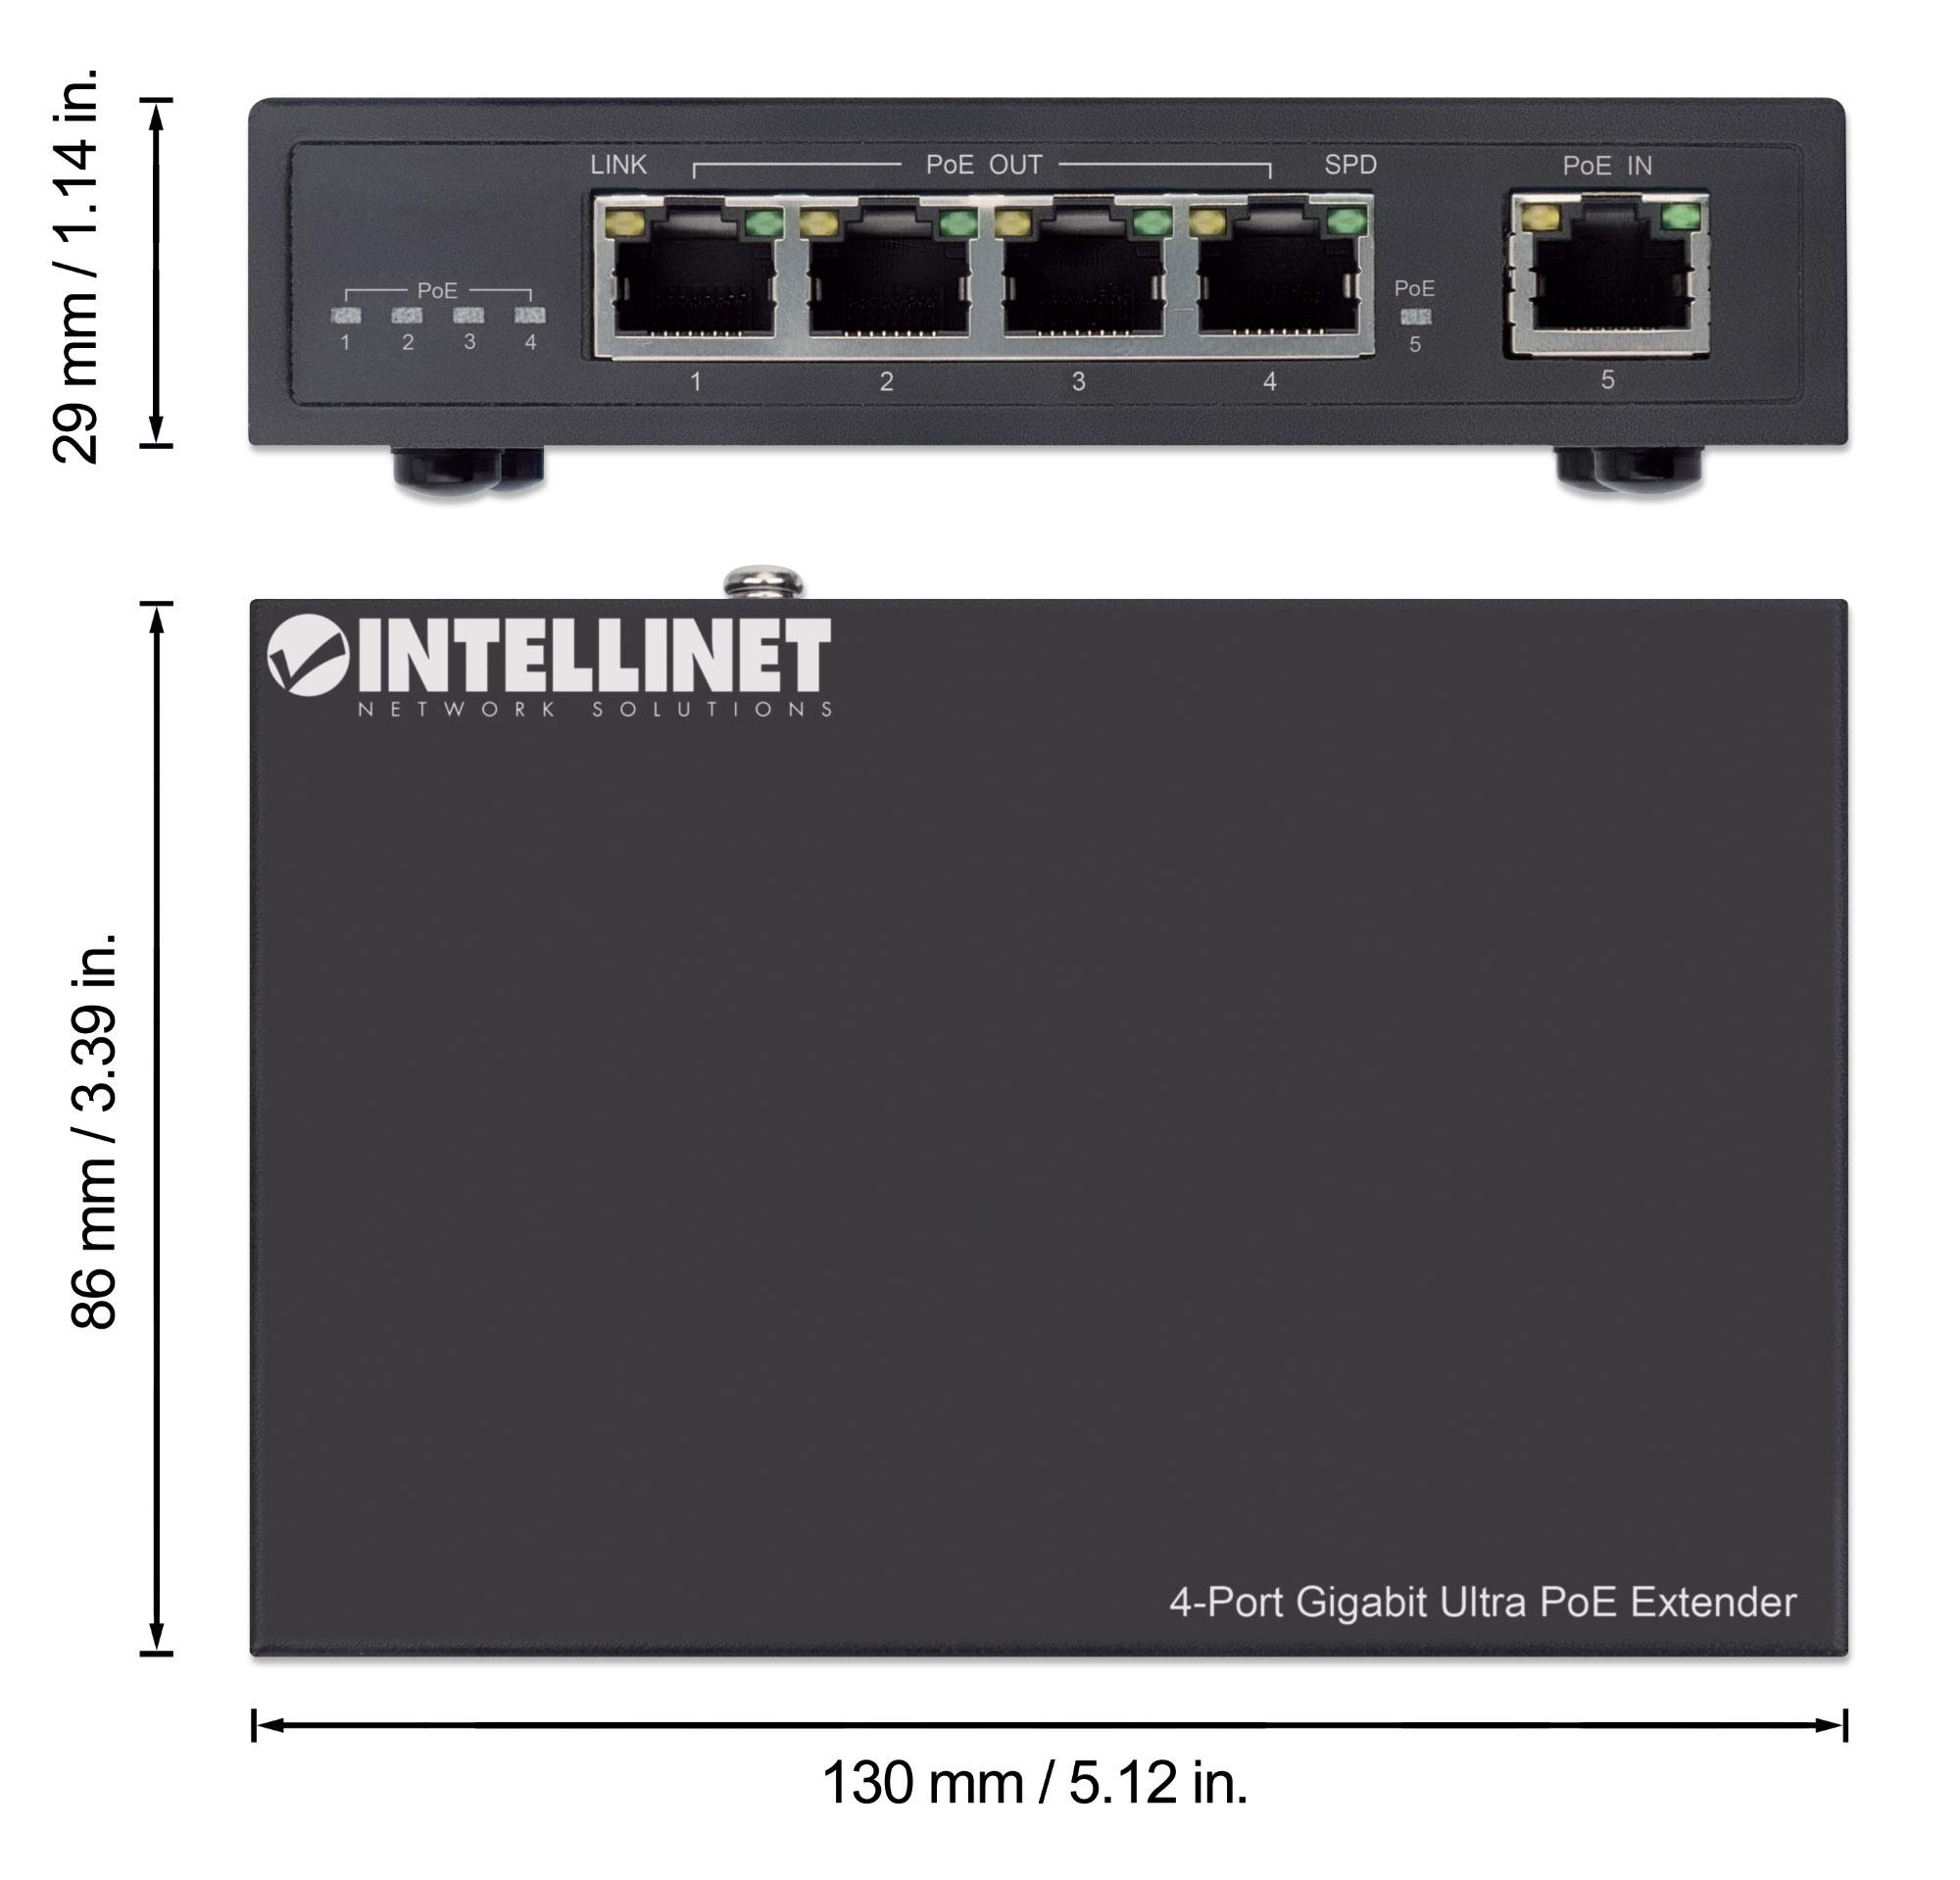 4-Port Gigabit Ultra PoE Extender